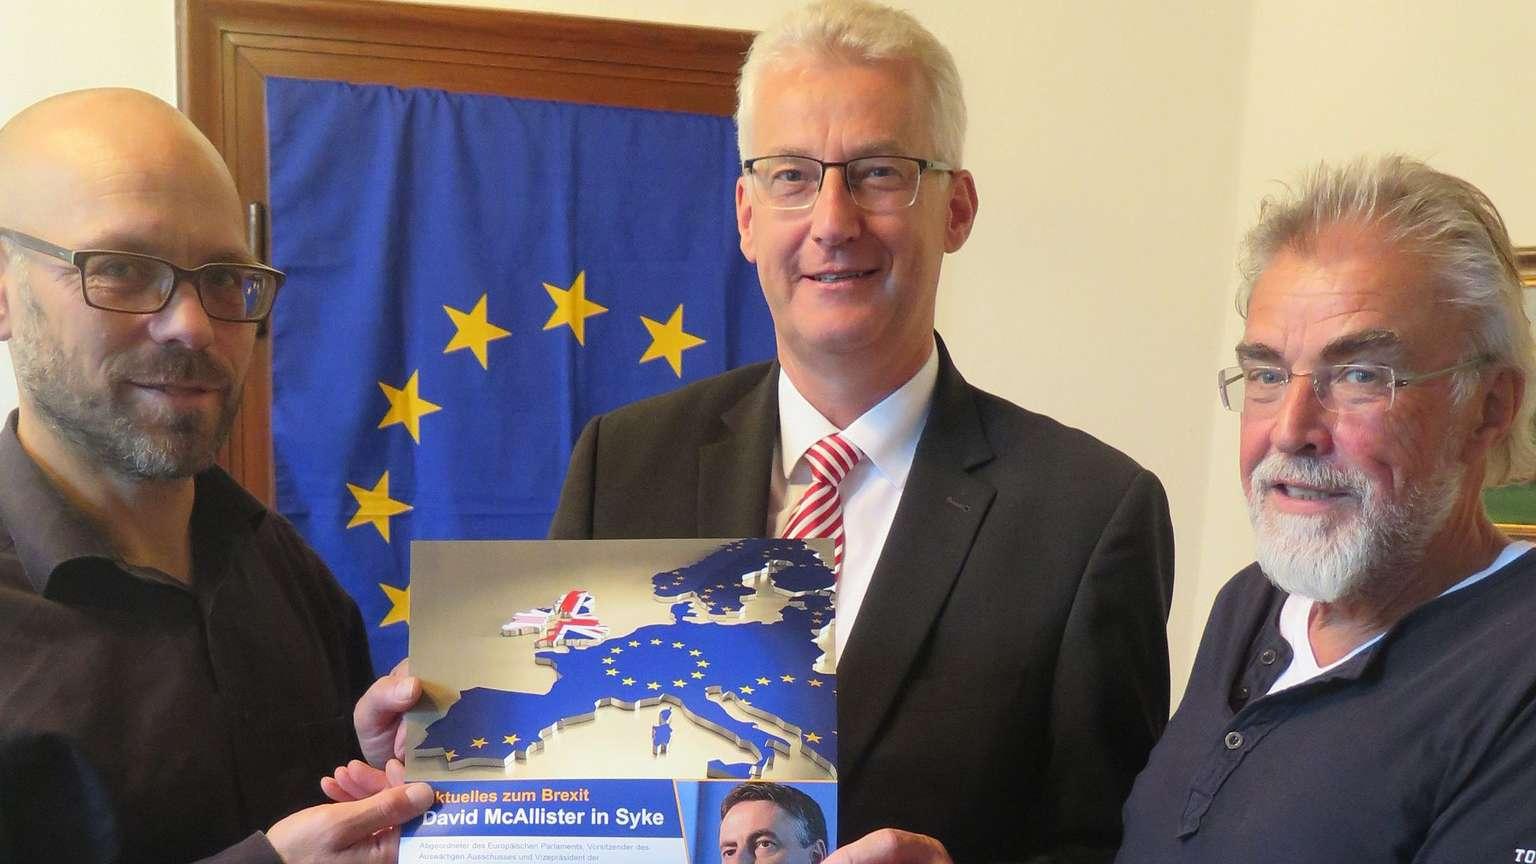 Kreiszeitung: Landkreis und Europa-Union wollen Begeisterung für Europa wecken